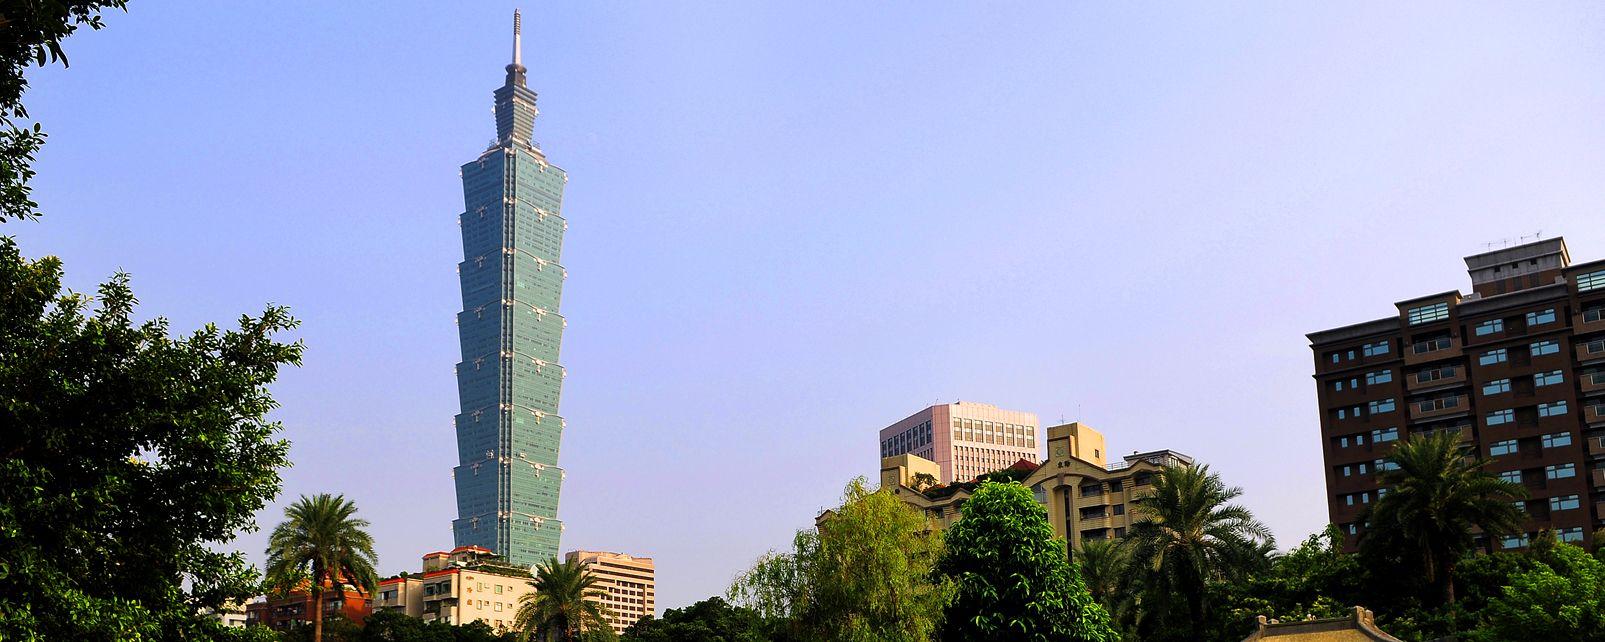 Taipei 101 , La tour Taipei 101 , Taïwan